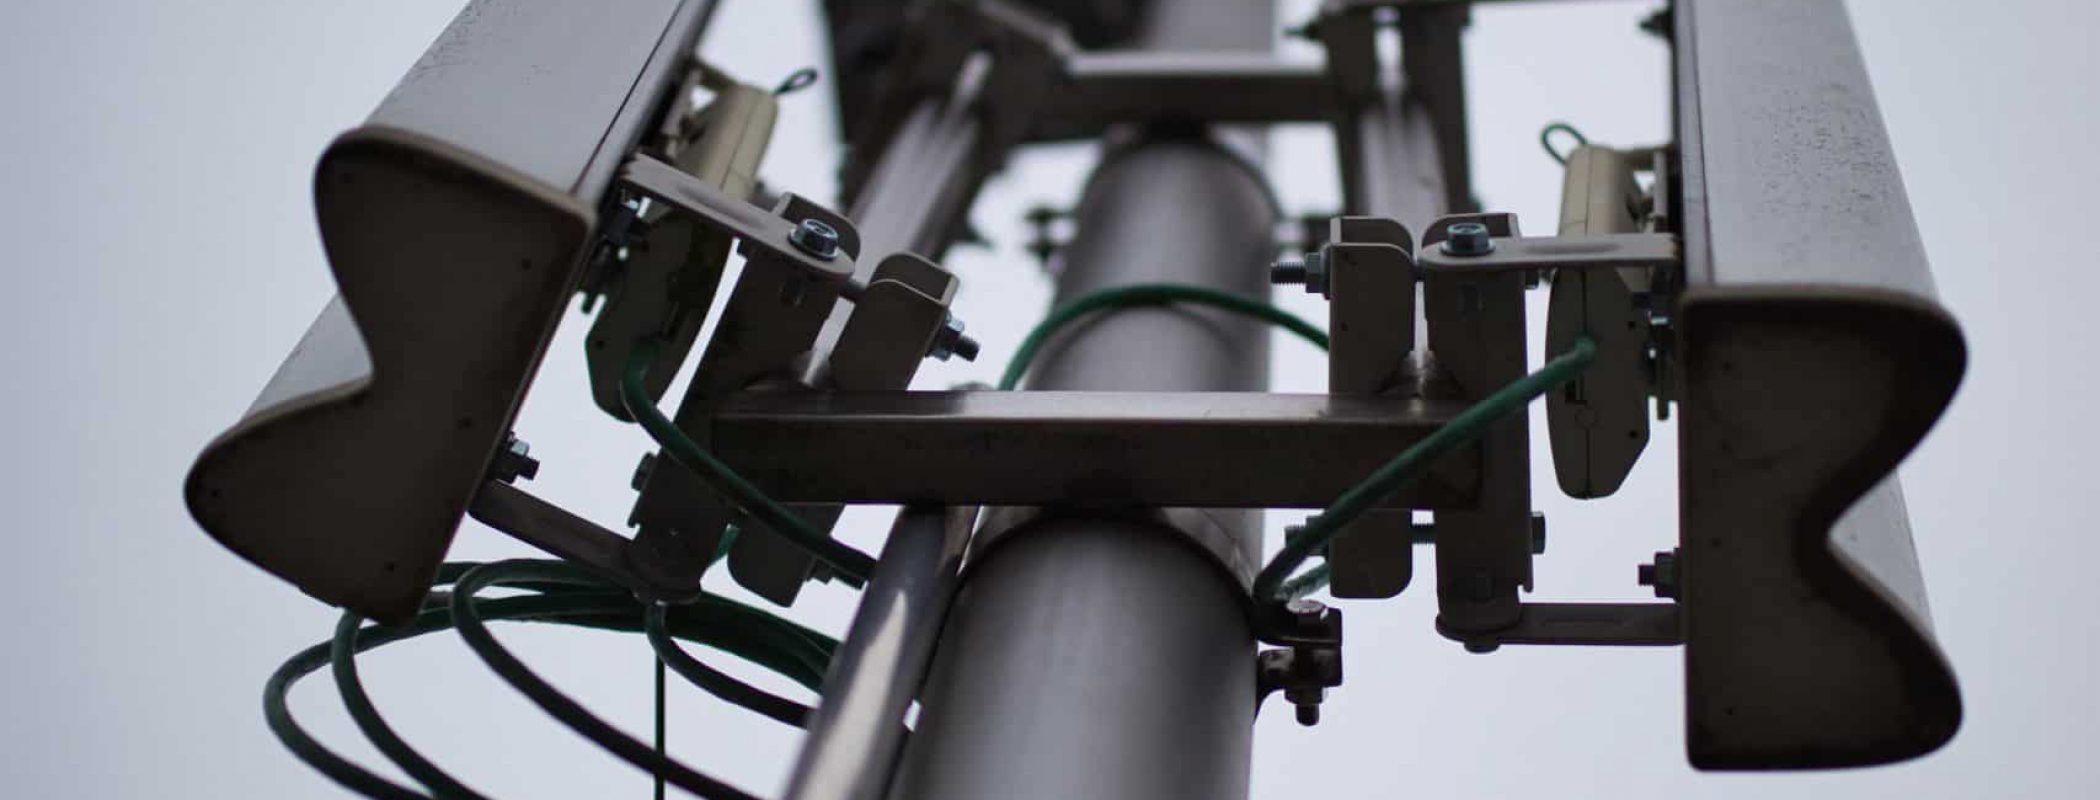 Antenne 5G à Paris